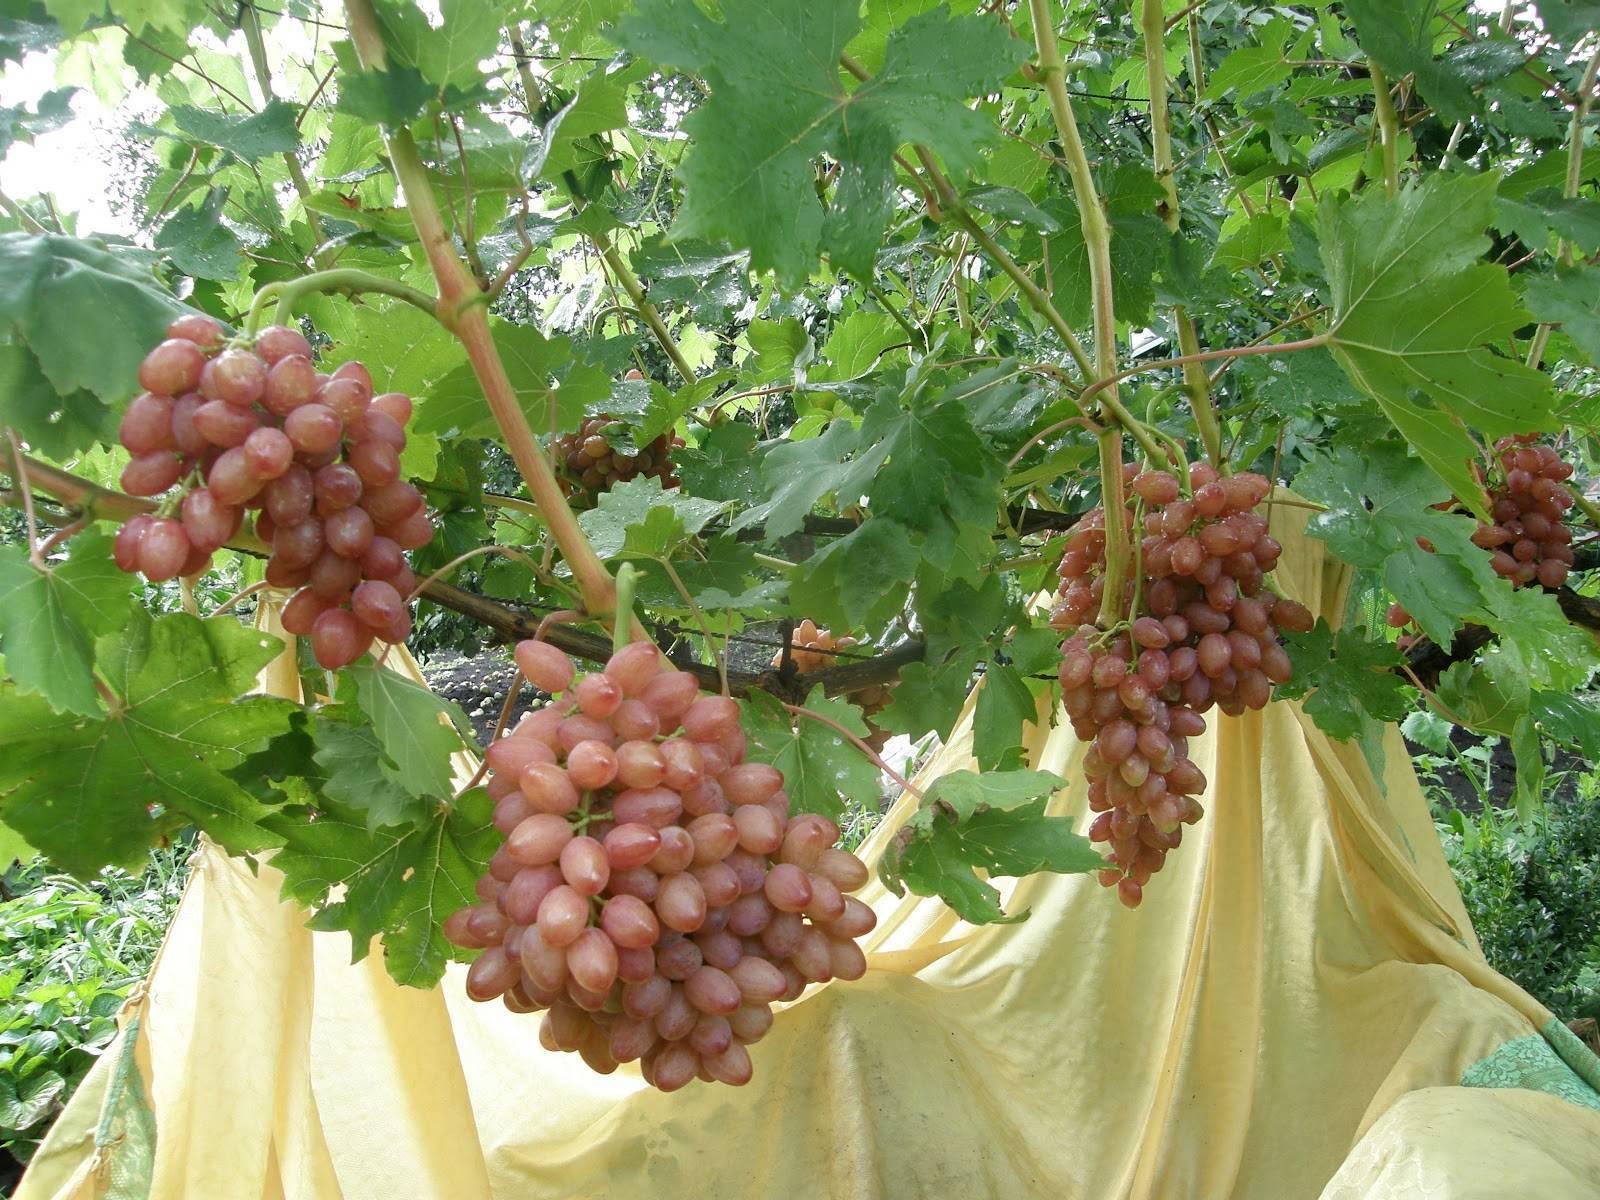 Виноград кишмиш лучистый: характеристики сорта высокой урожайности, описание